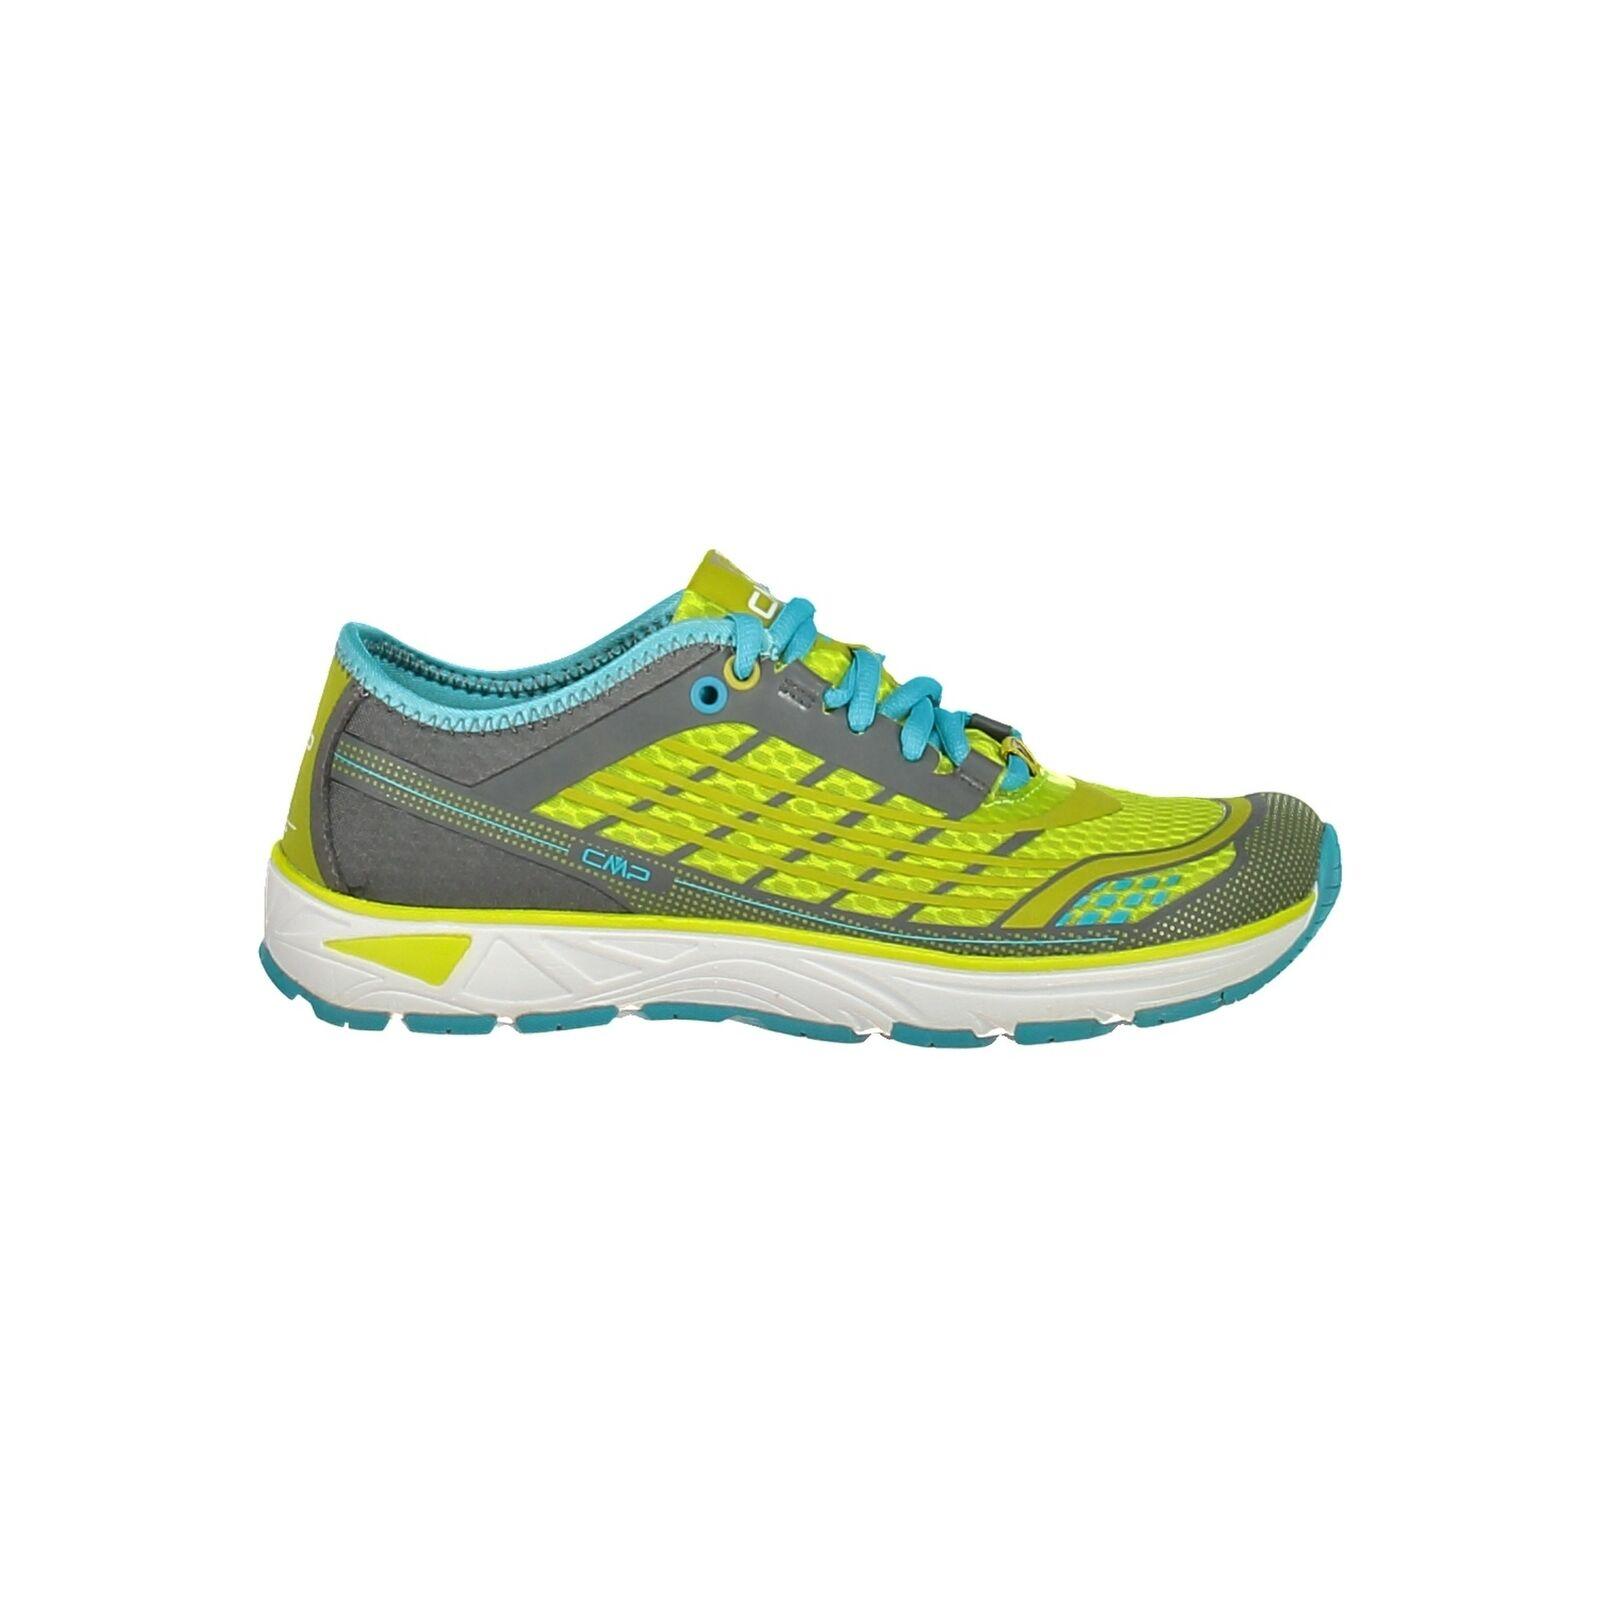 CMP zapatillas calzado deportivo libre WMN Running Running Running zapatos gris ligeramente monocromo Mesh cb653c